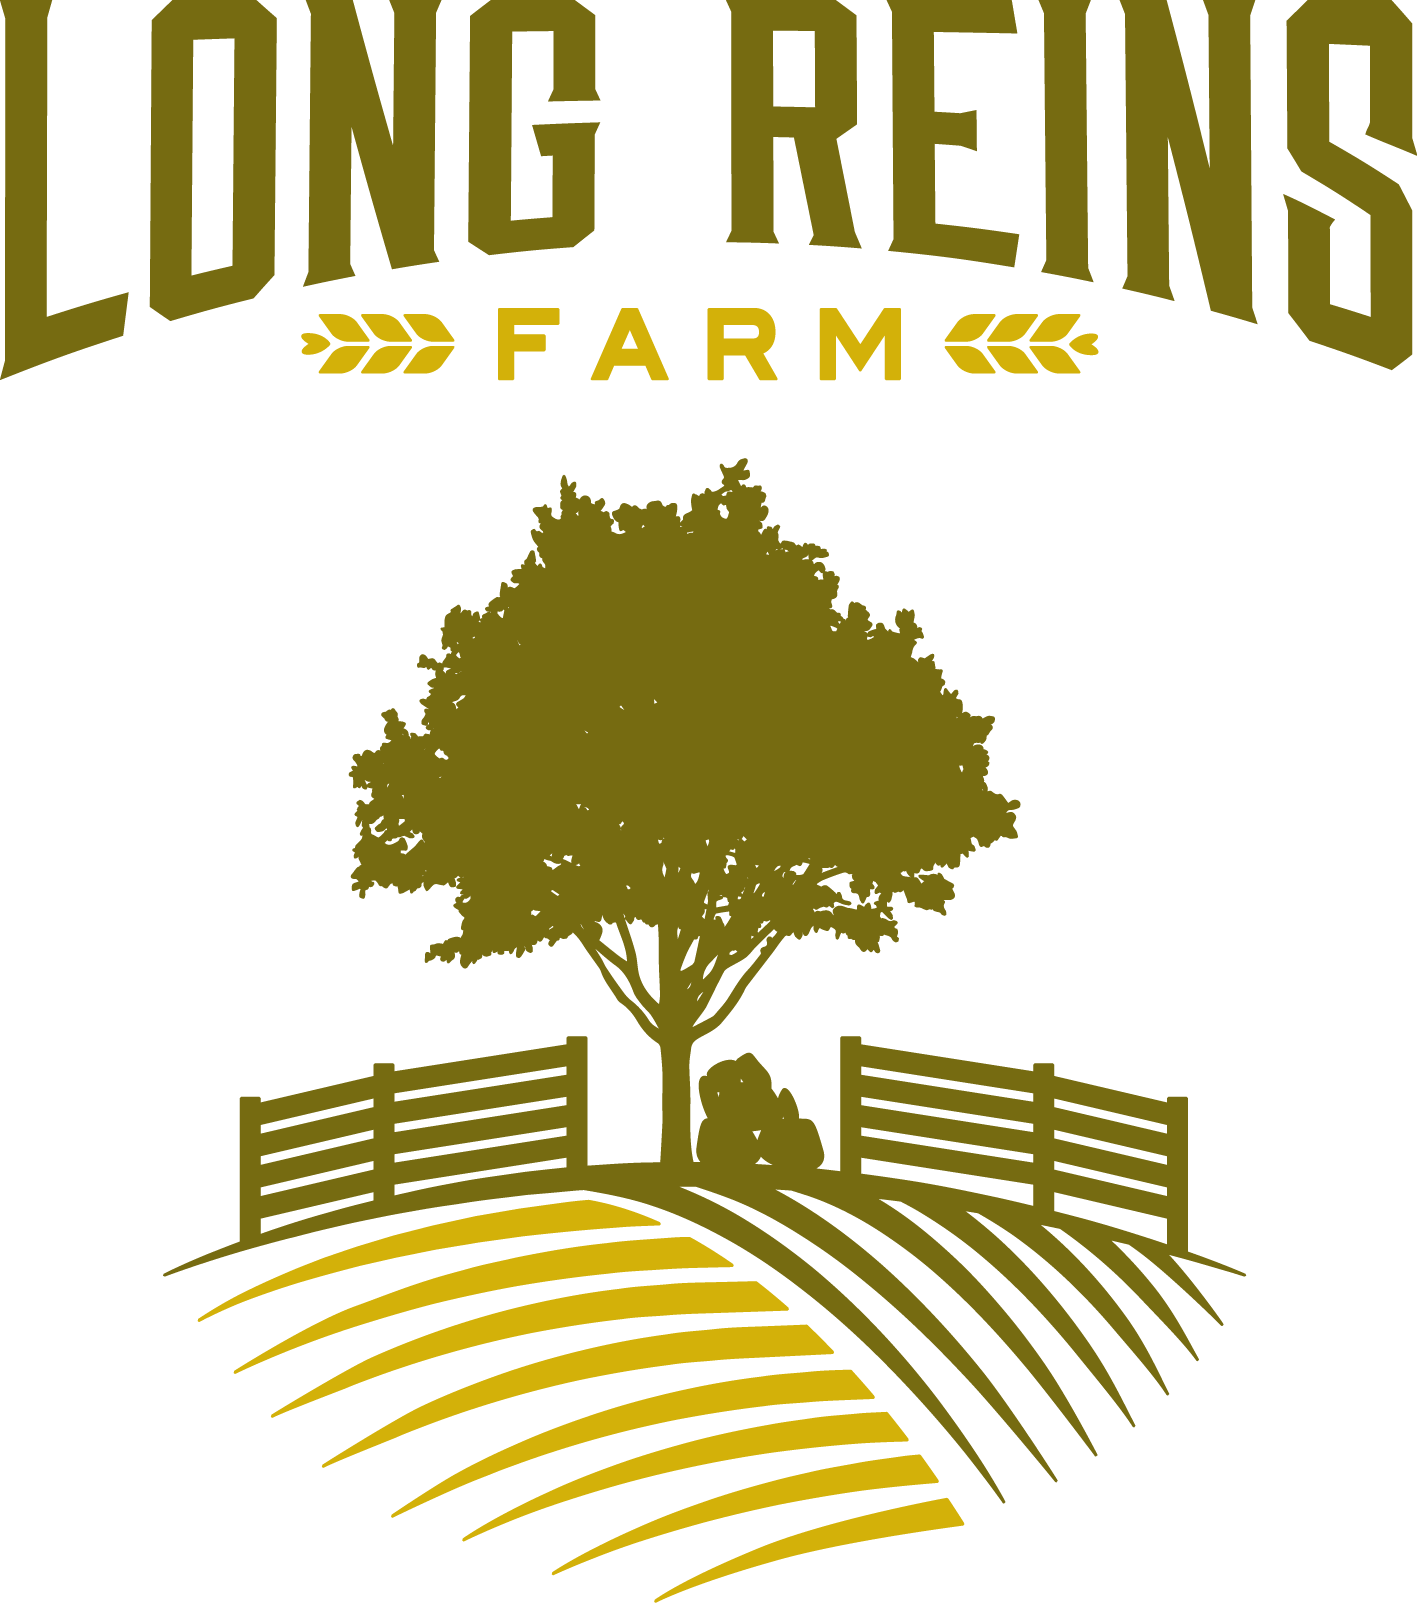 Long reins farm logo. Farmer clipart rancher